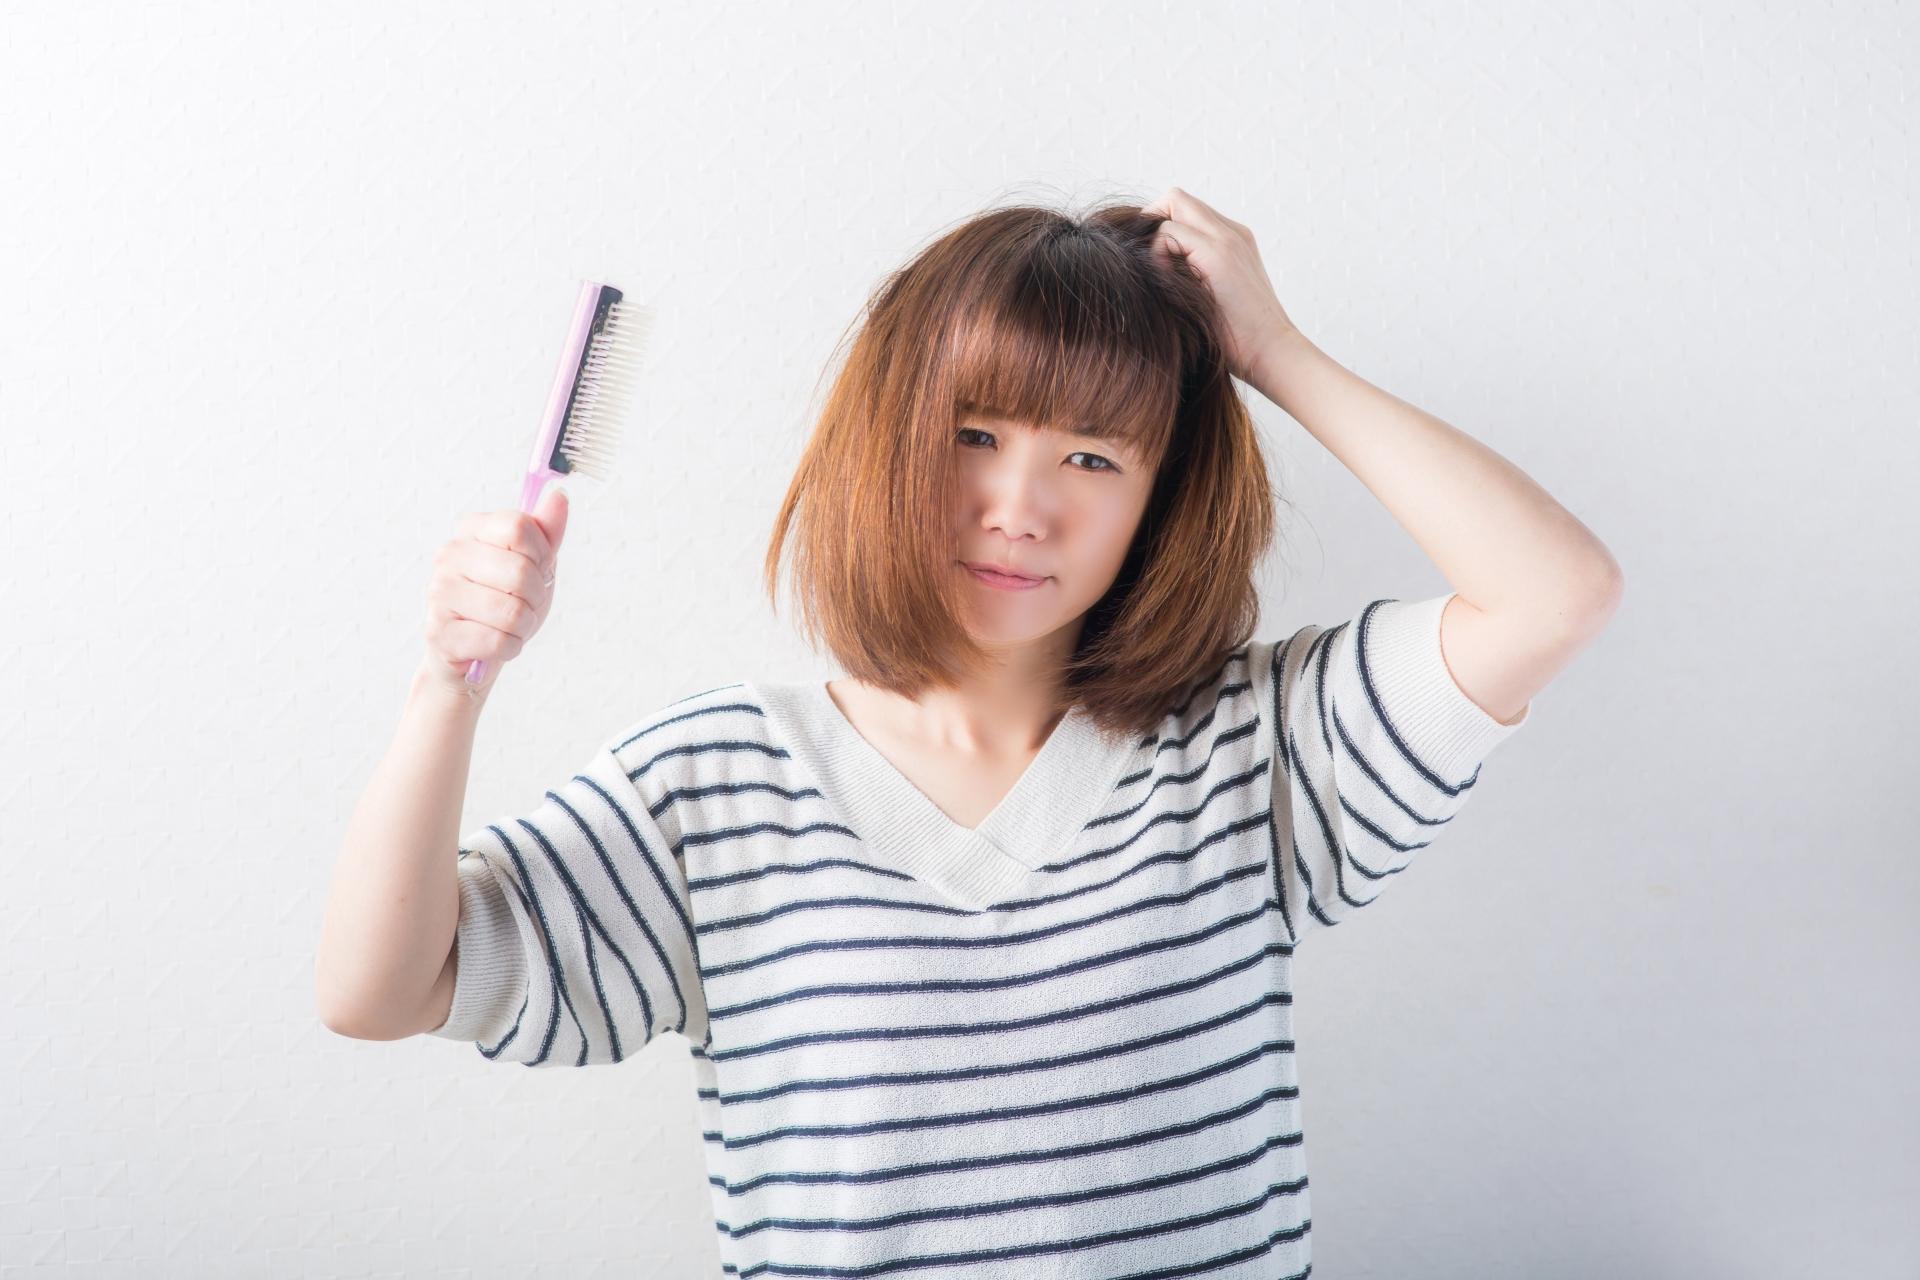 髪の毛は1ヶ月で何センチ伸びる?早く伸ばすための秘訣とは